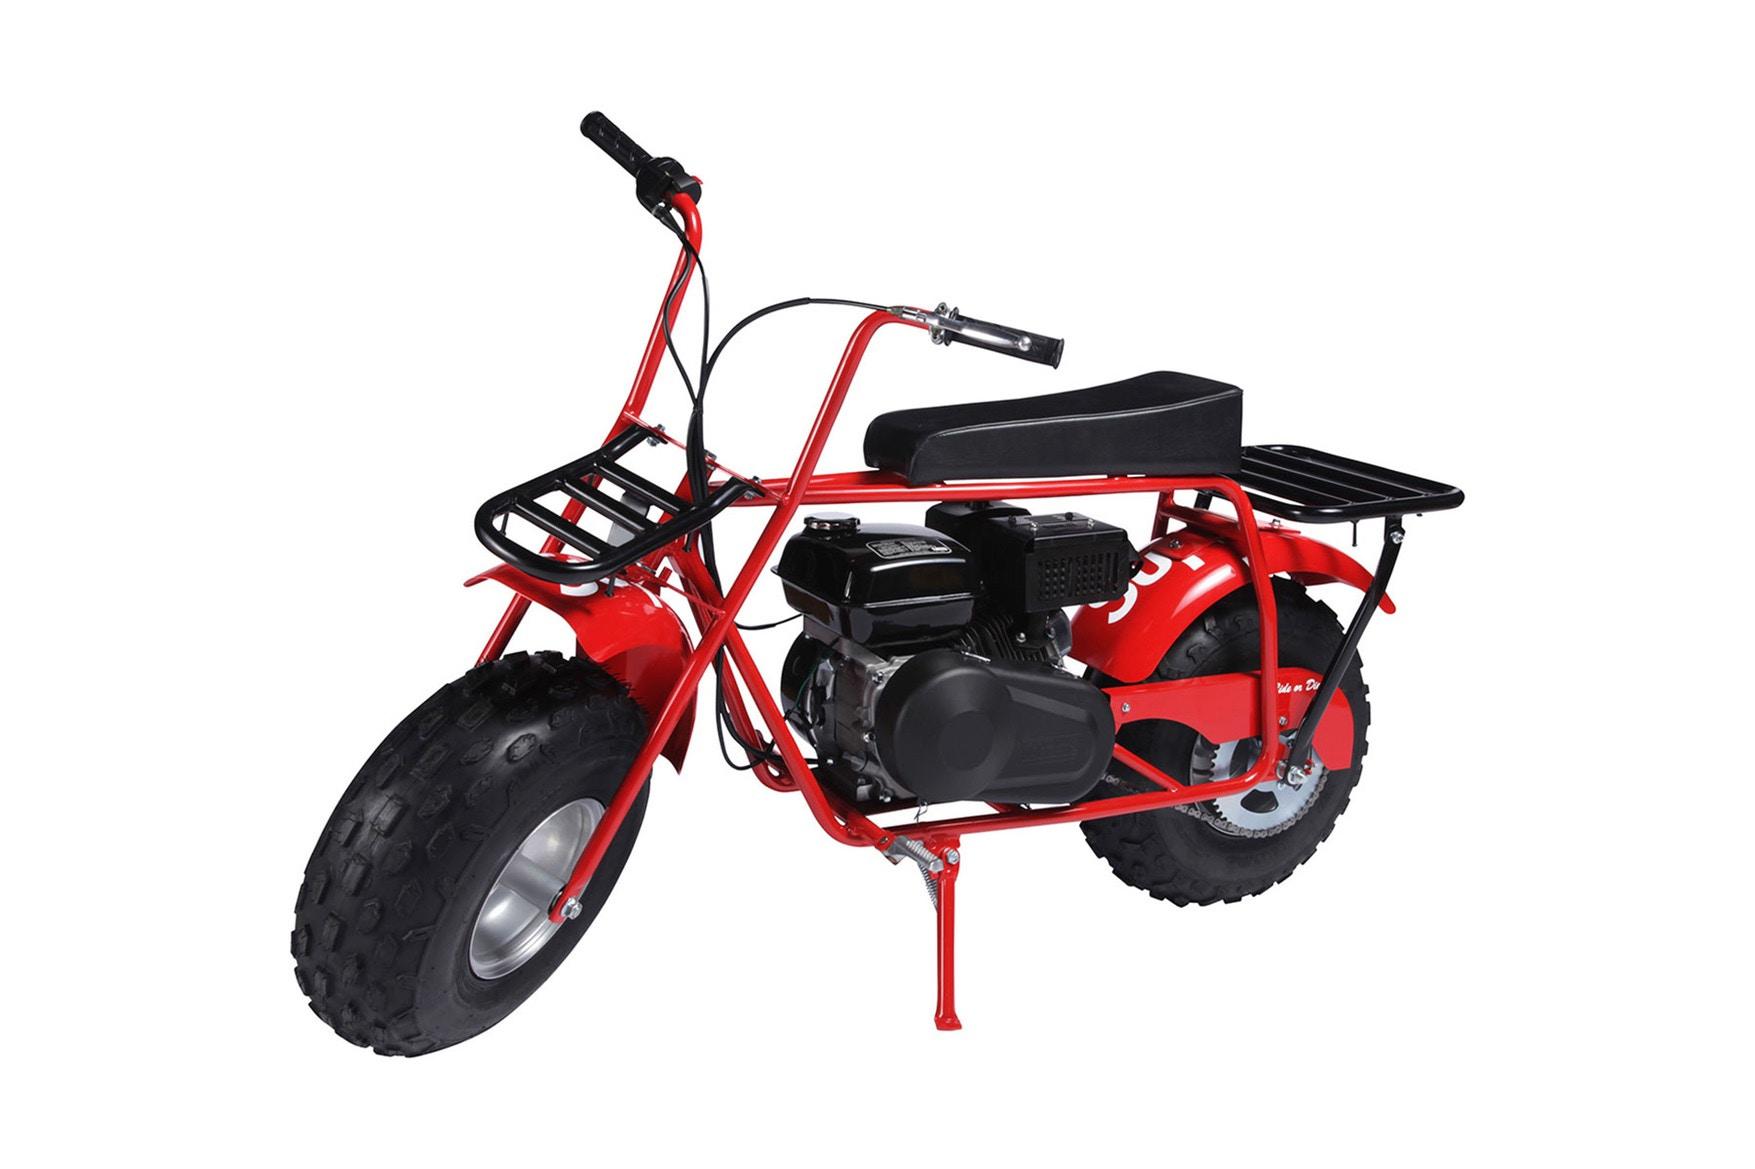 Cette moto Supreme X Coleman pourra faire son entrée dès cette semaine